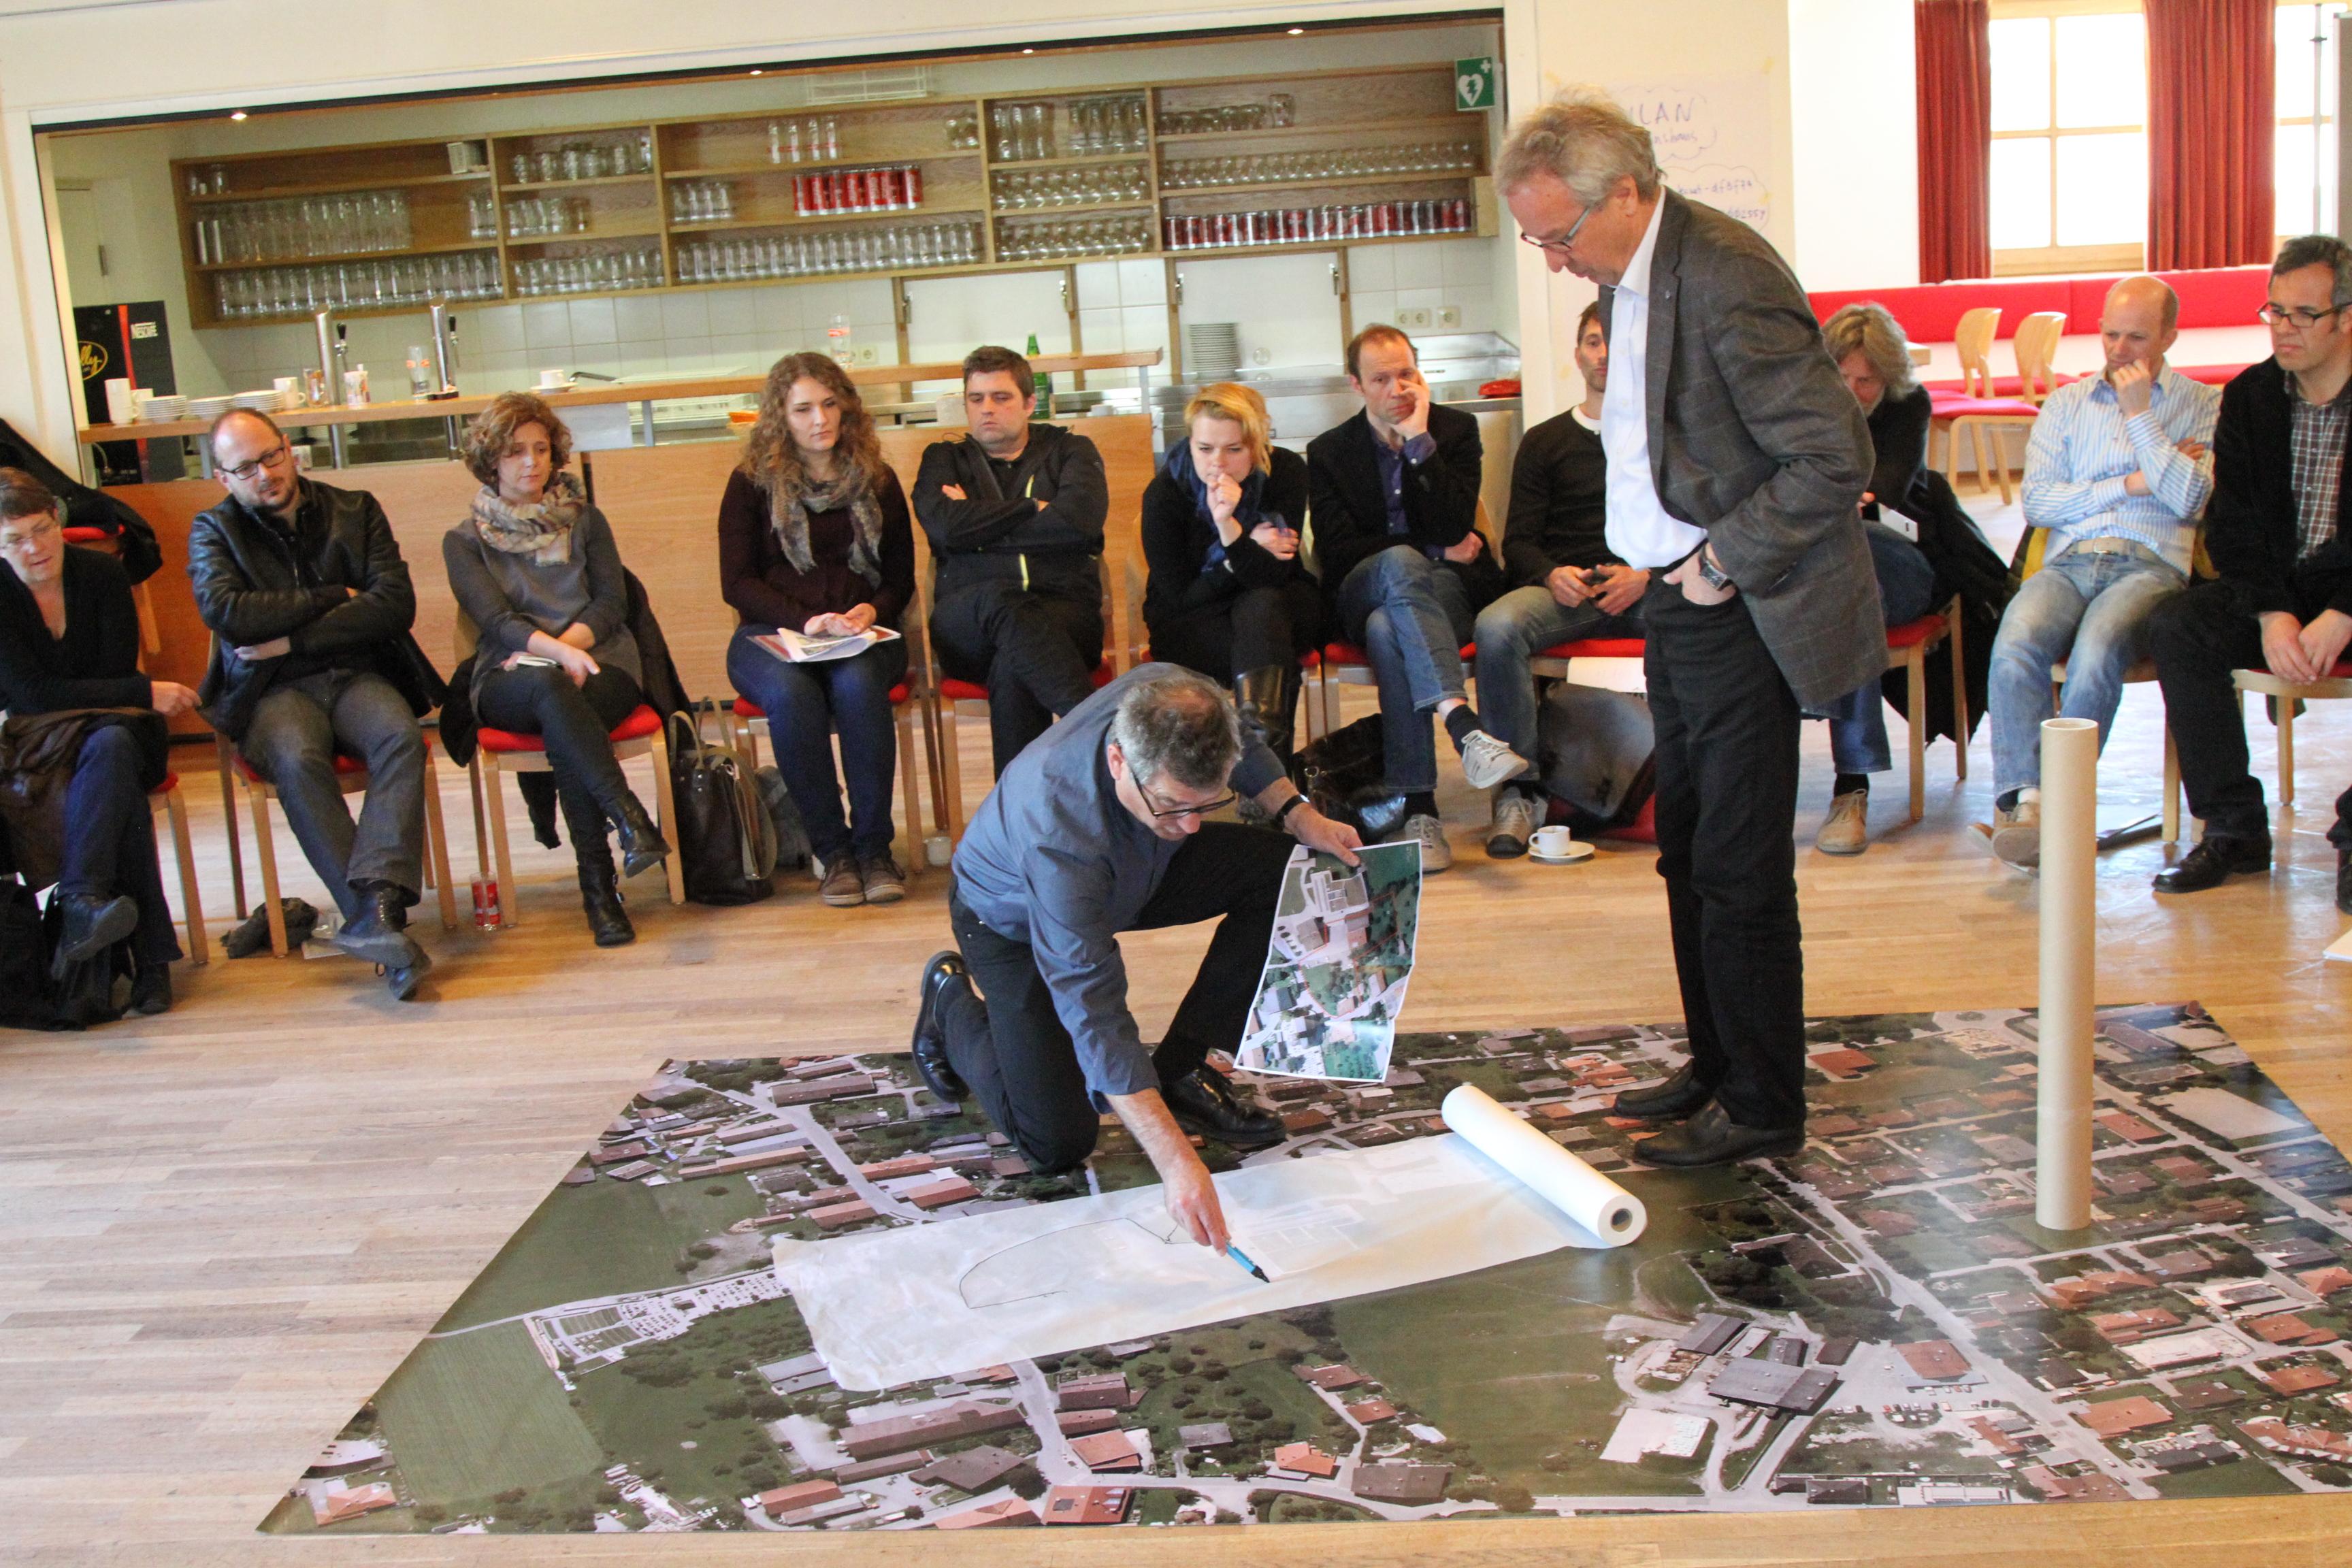 Kreativer Ausnahmezustand: Die Architekten von nonconform entwickelt mit den Bürgerinnen und Bürgern gemeinsam die Zukunft der Stadt.